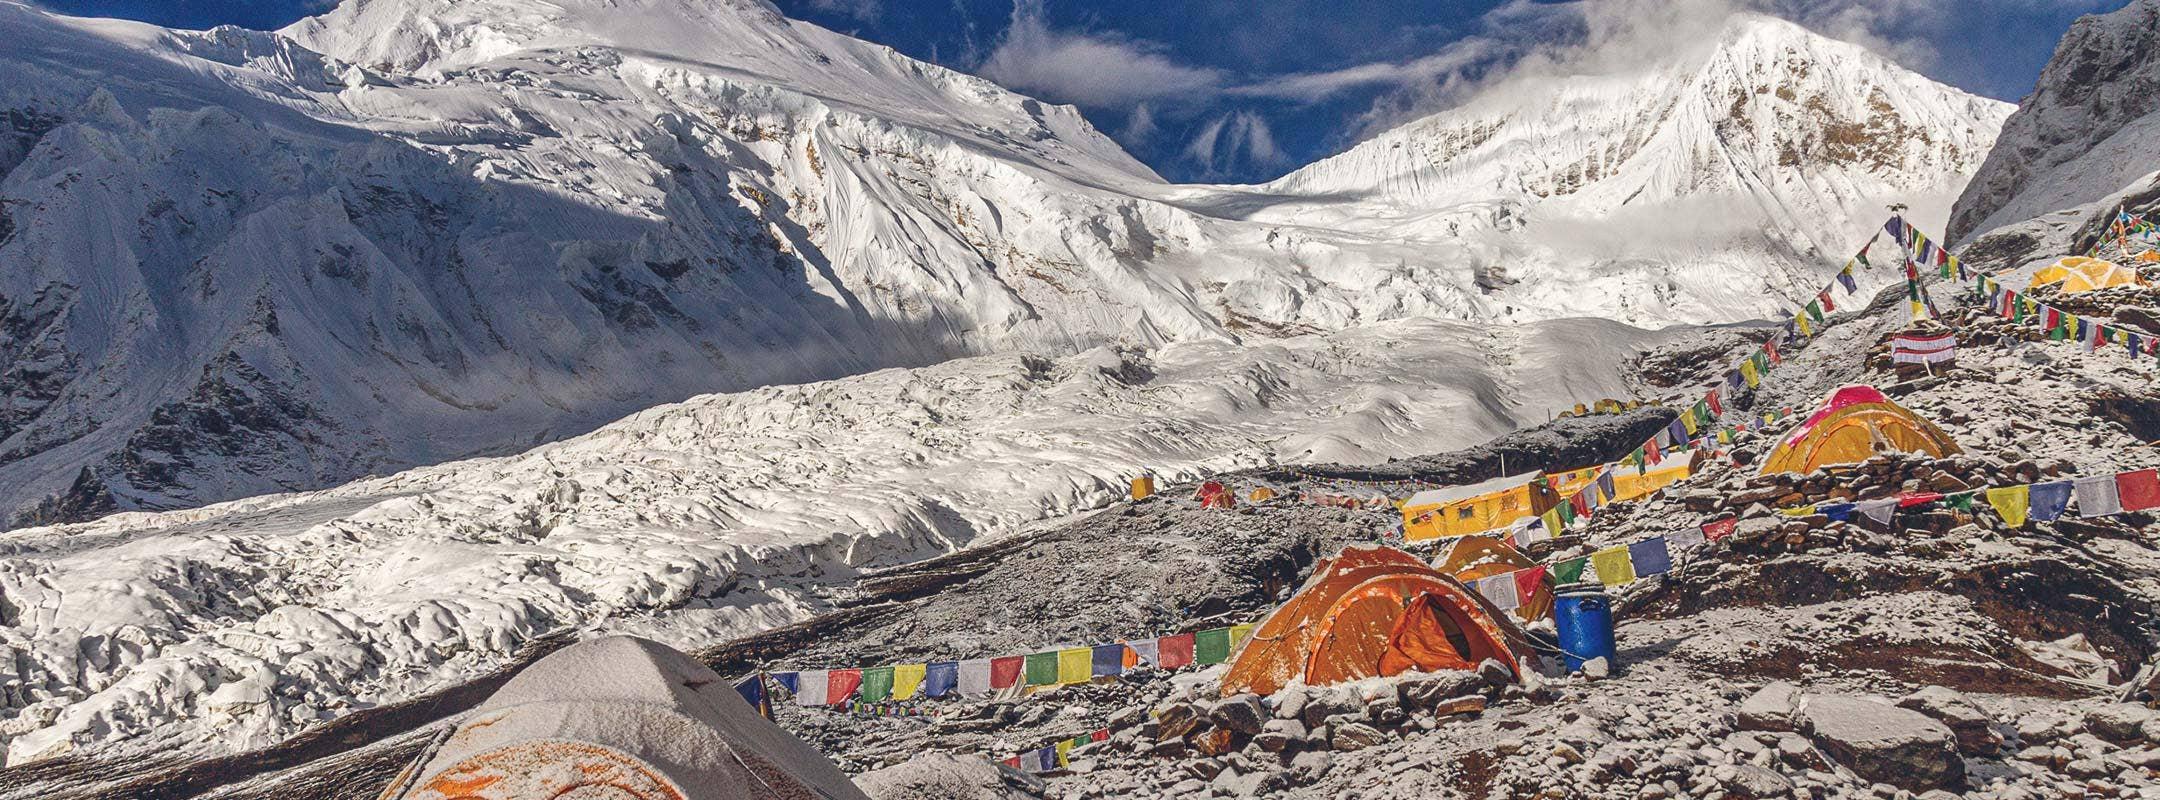 Gipfelerfolg am Manaslu (8.163 m)